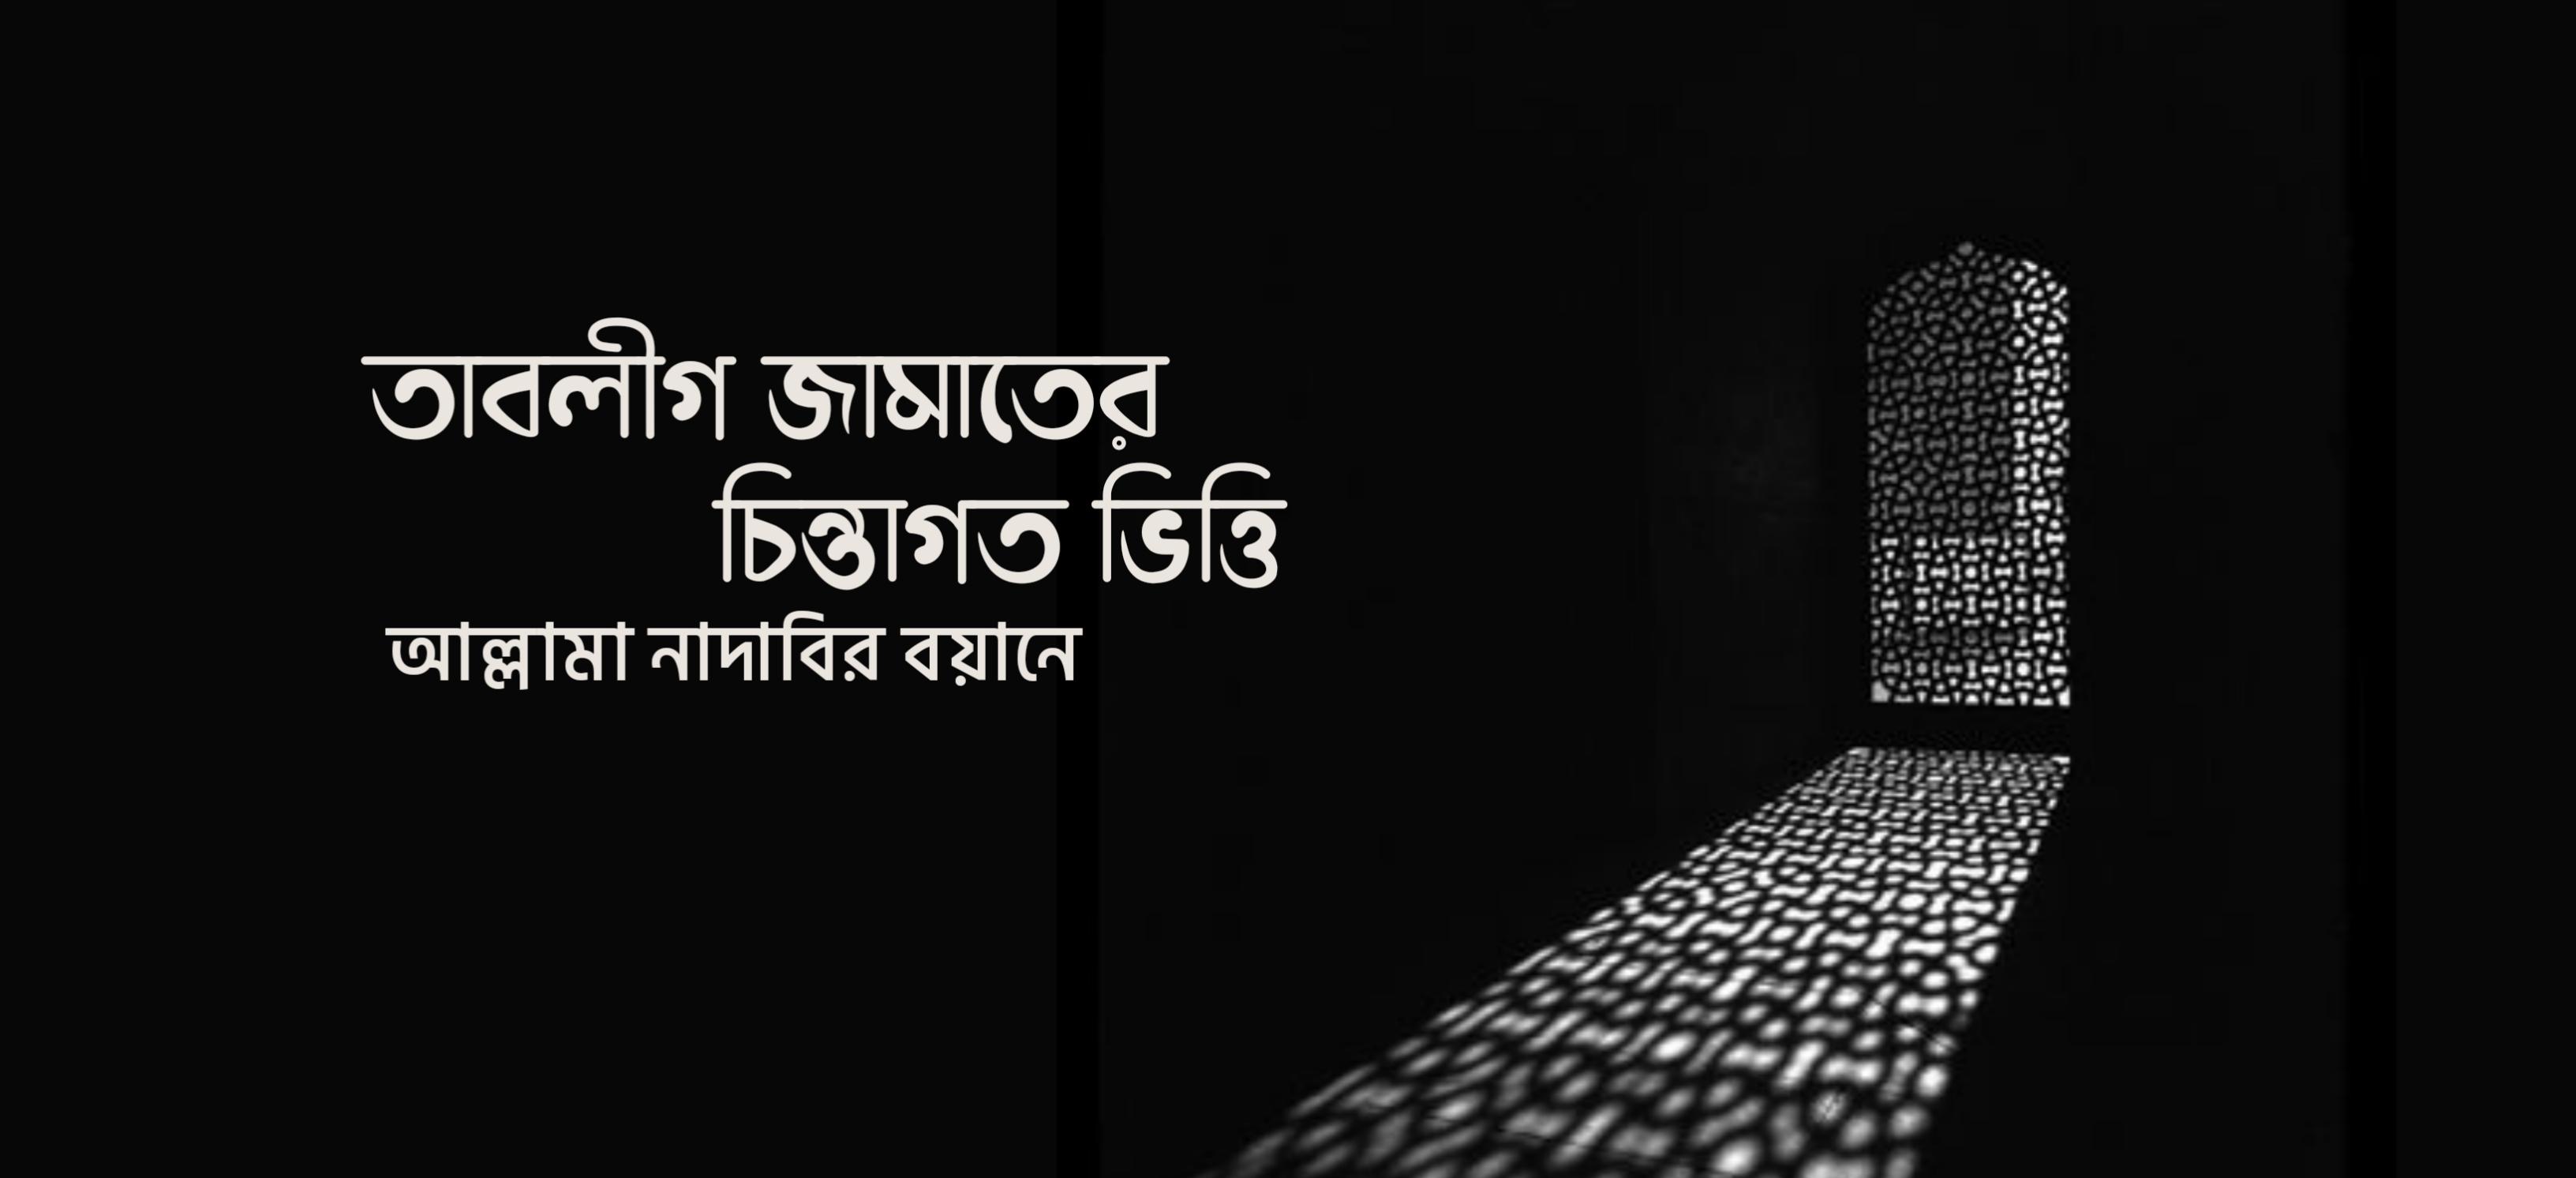 তাবলীগ জামাতের চিন্তাগত ভিত্তি, আবুল হাসান আলী নাদাবির বয়ানে